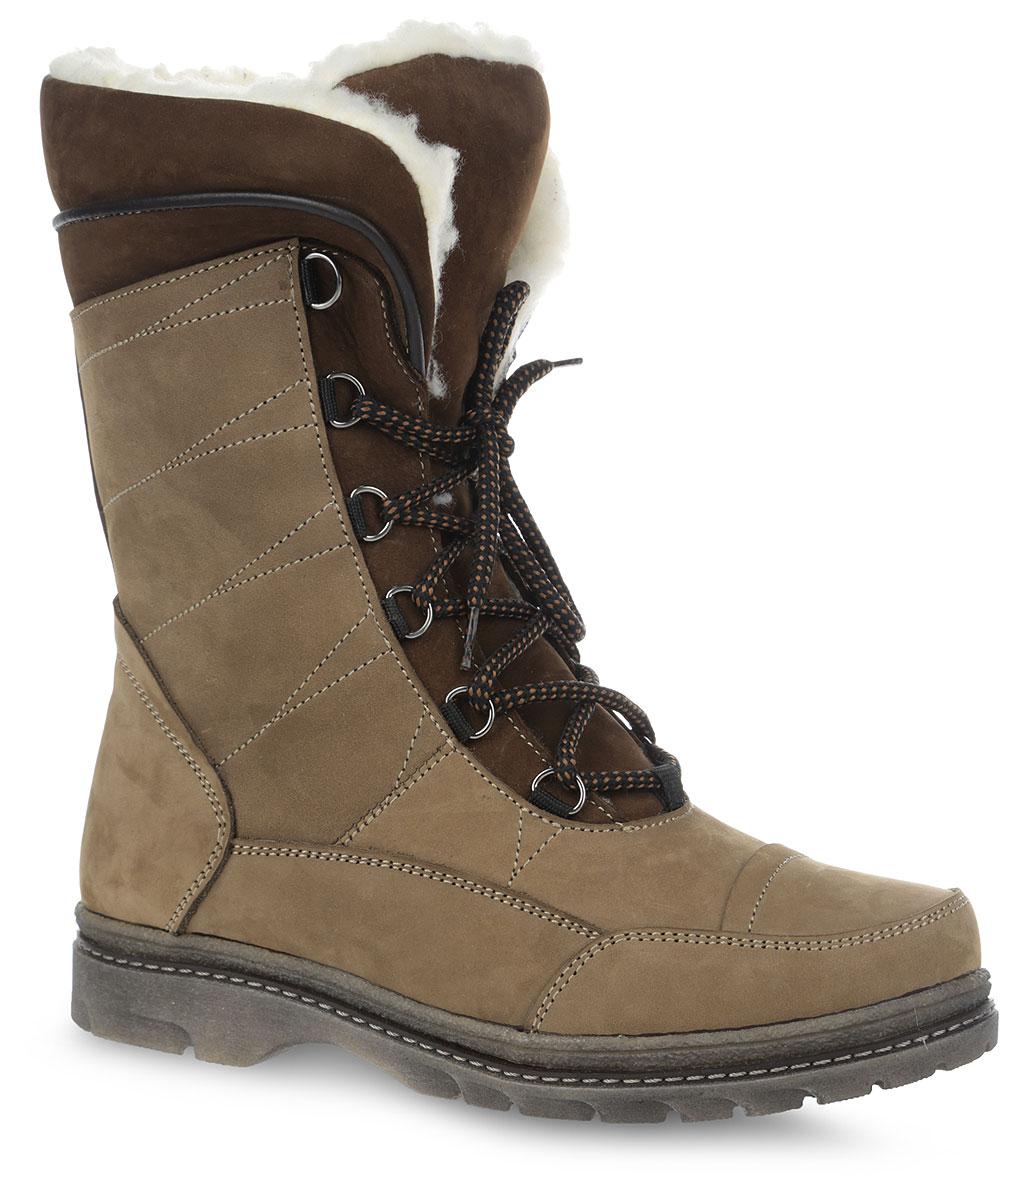 7SI_236_BROWN.NМодные ботинки от Spur выполнены из натурального нубука. При помощи шнуровки изделие надежно фиксируется на ноге. Подкладка и стелька из натуральной шерсти сохранят ноги в тепле. Подошва выполнена из прочного материала, обеспечивающего длительную носку и хорошее сцепление с любой поверхностью. В таких ботинках вашим ногам будет комфортно и уютно.